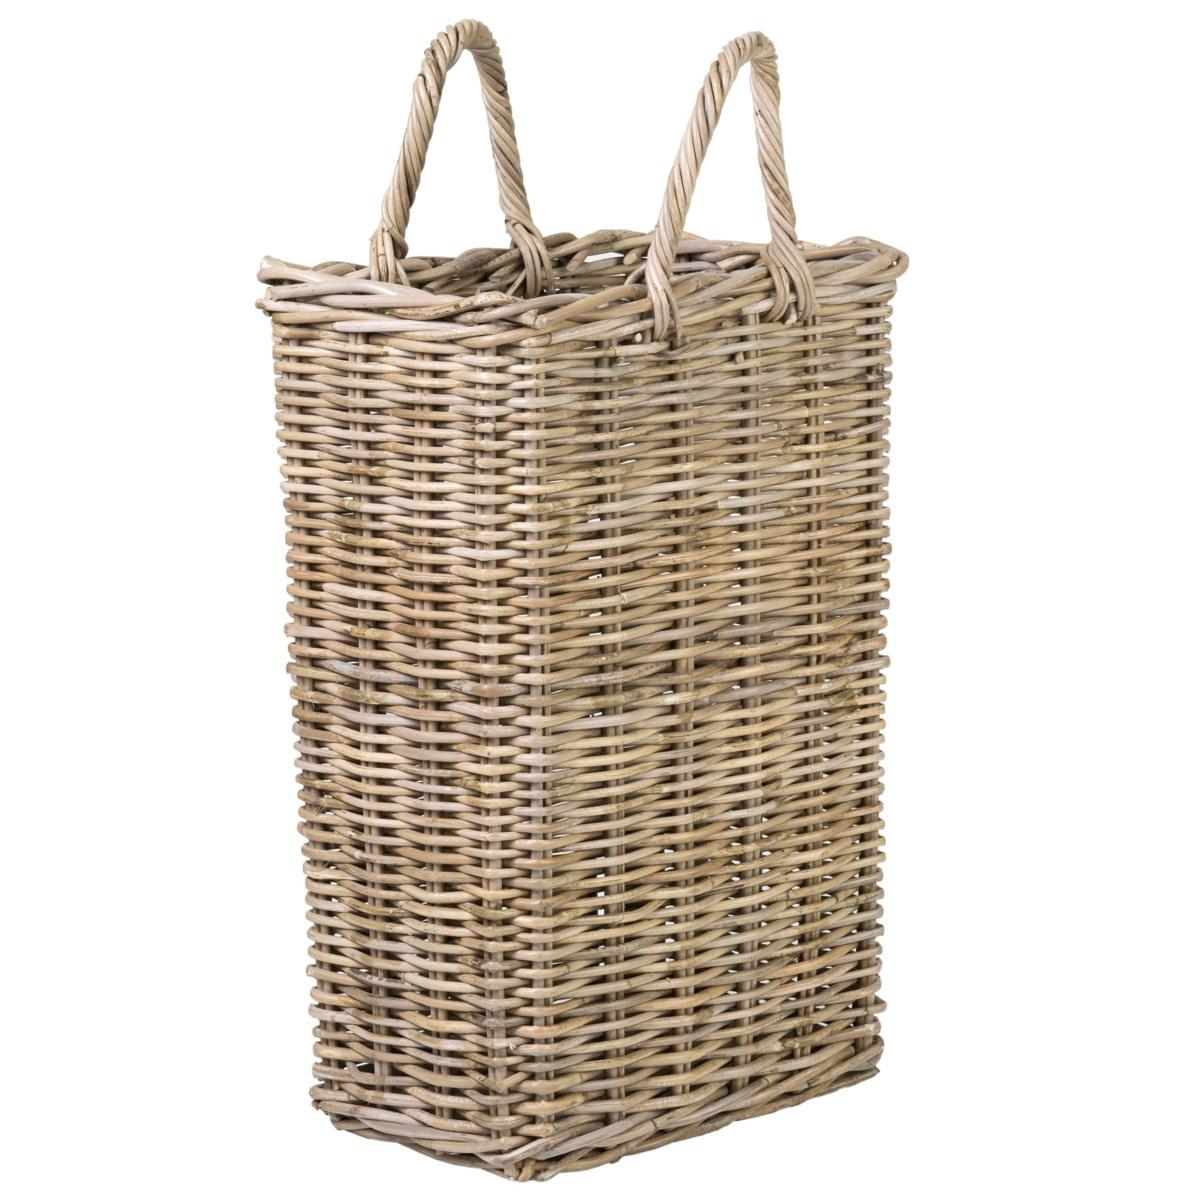 Sabrina Baskets-Lg. $152.00 Sm. $115.00